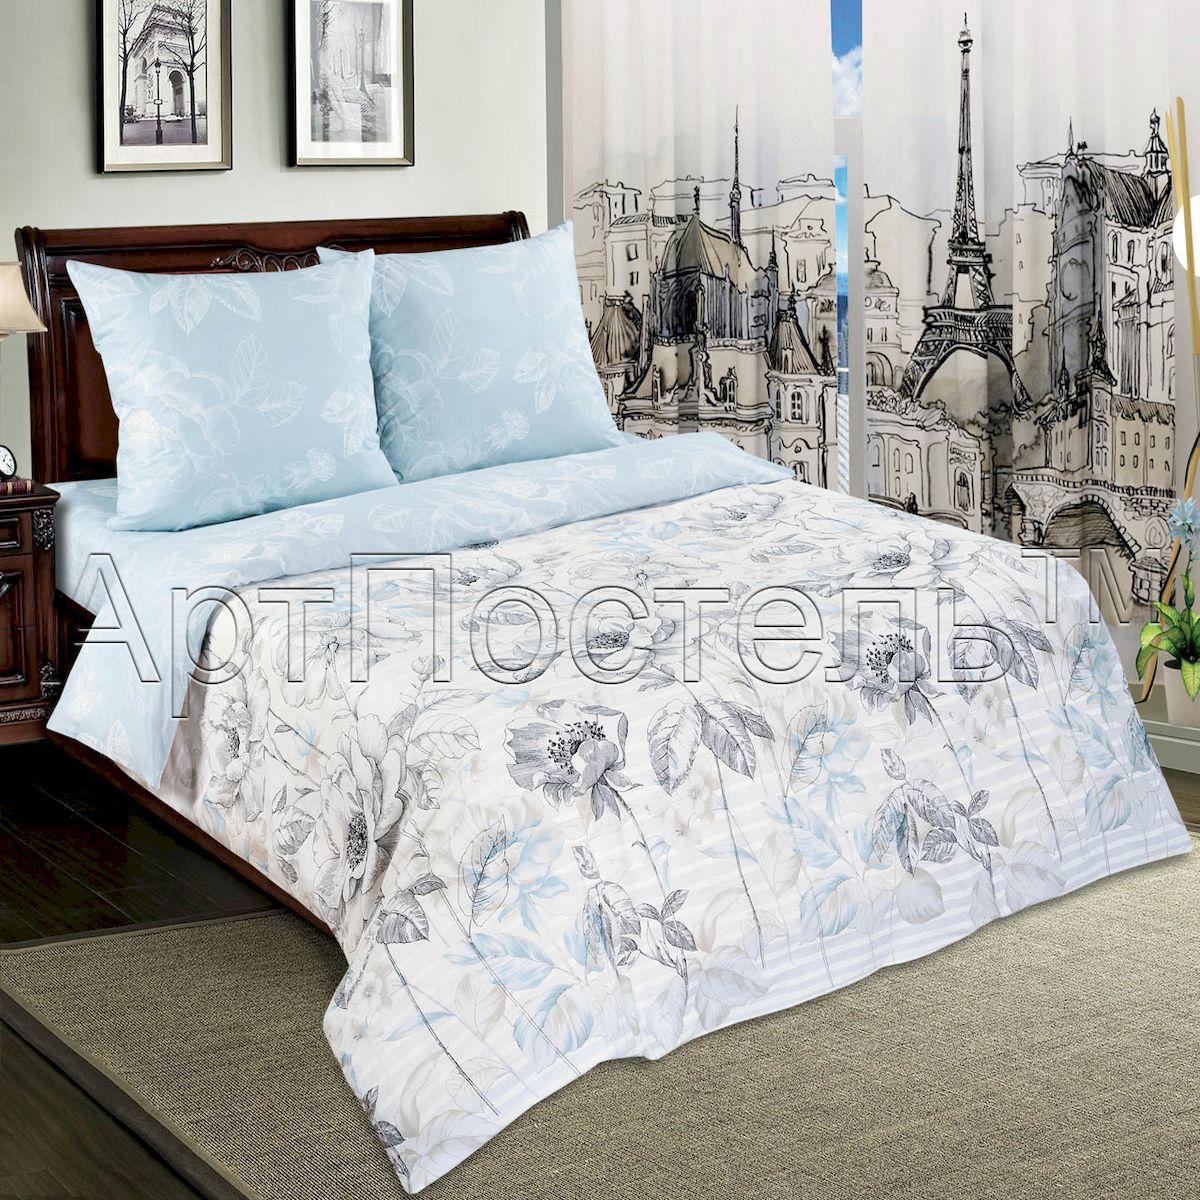 Комплект белья АртПостель Поэзия, 1,5 спальный, наволочки 70x70